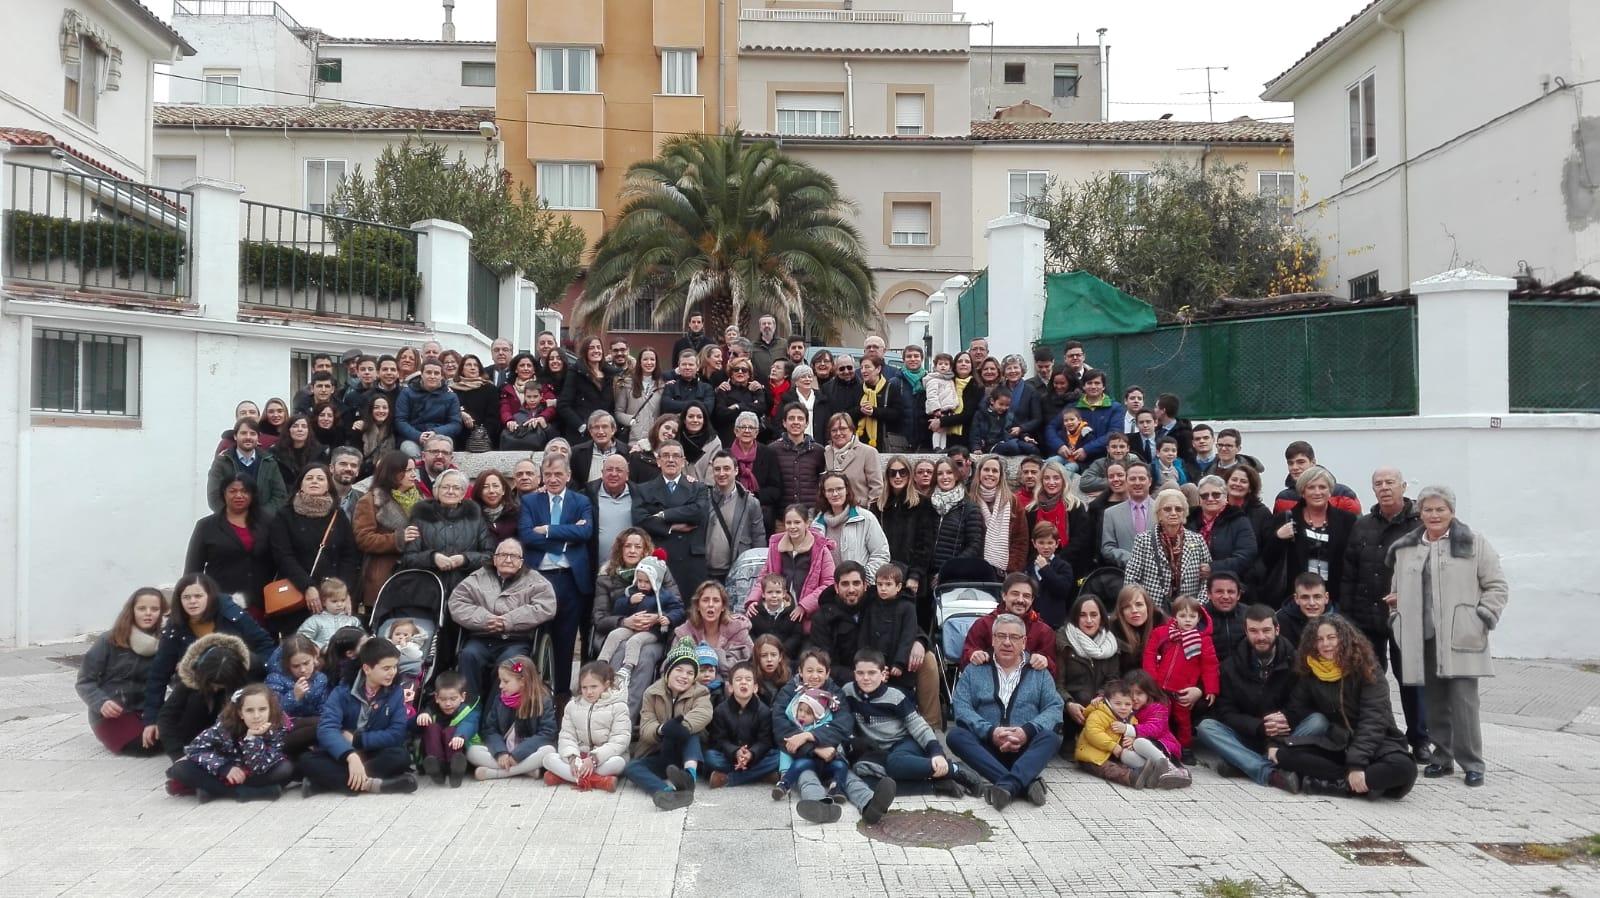 img 20181222 wa0006 | Liberal de Castilla